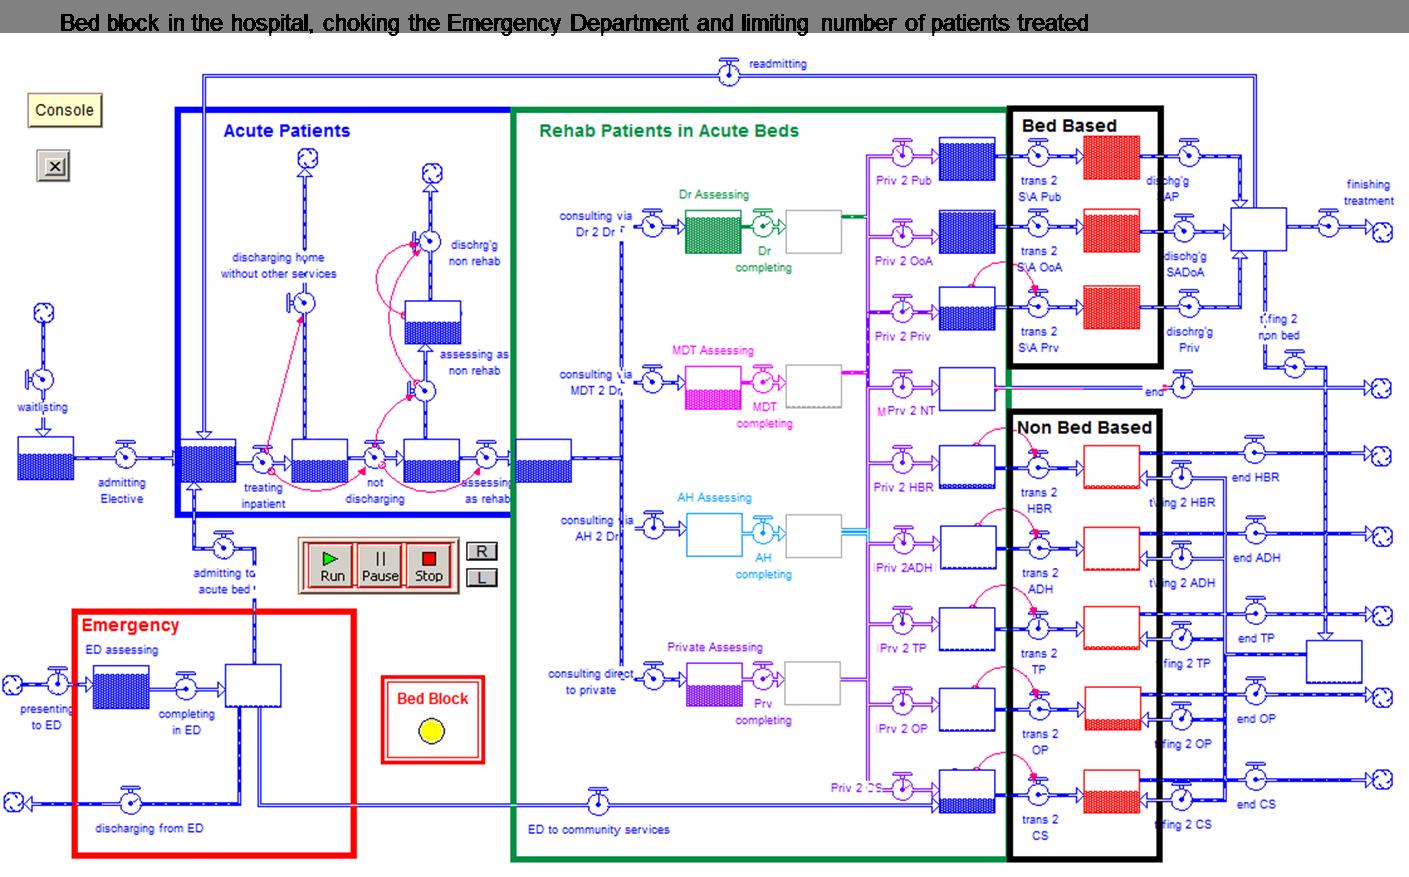 Rehab patient flow model